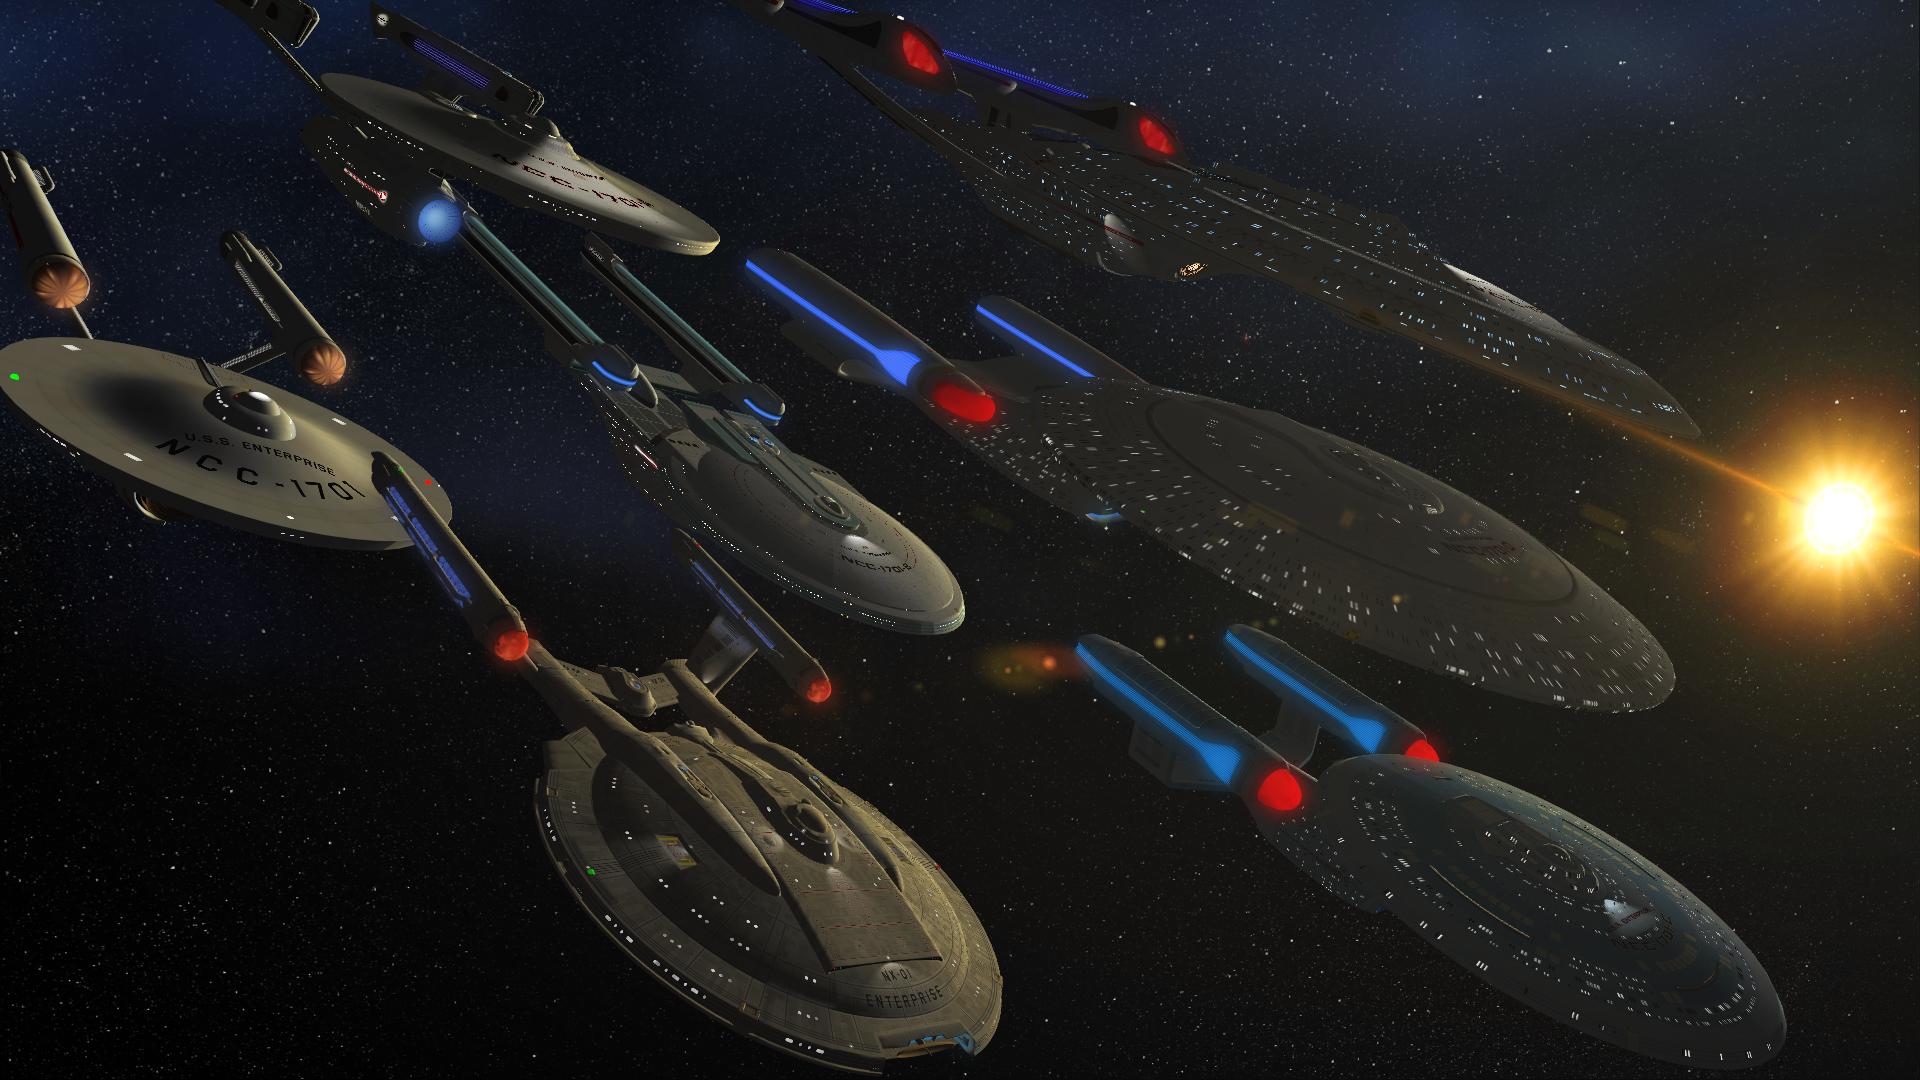 Uss enterprise ncc 1701 d galaxy class saucer separation r flickr - U S S Enterprise Ncc 1701 Enterprise Nx